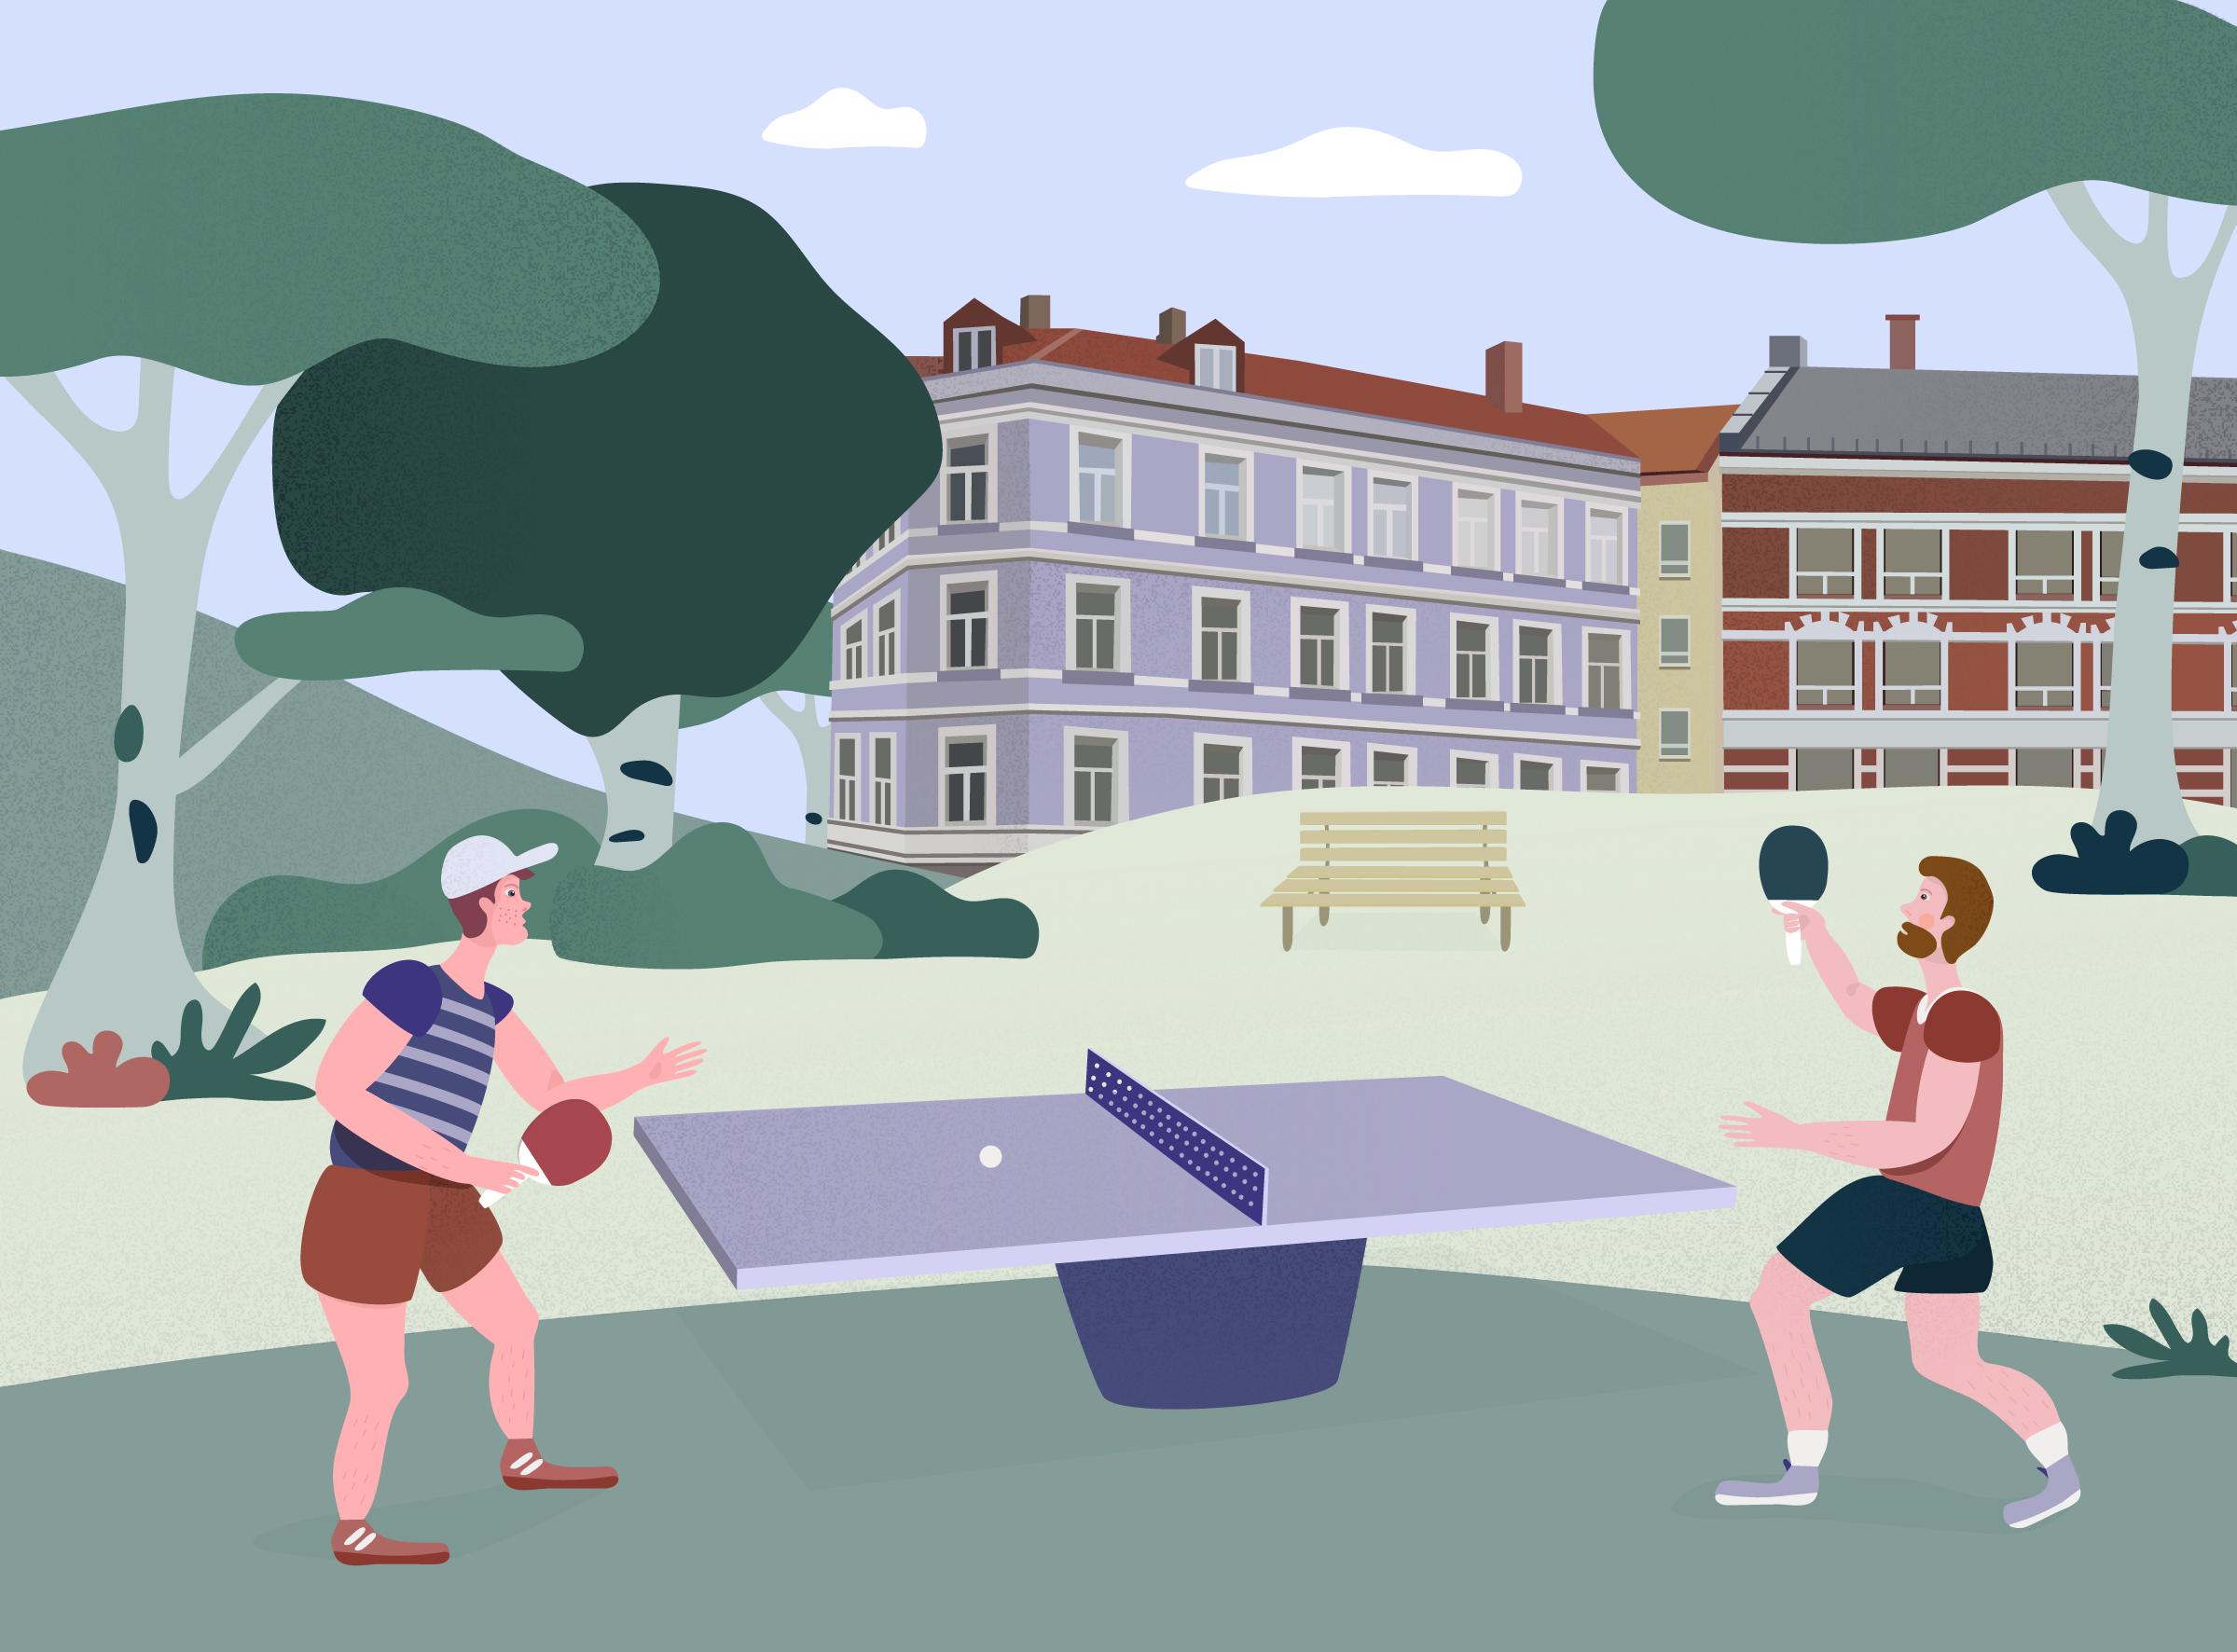 Ping Pong byliv parkliv illustrasjon digital mennesker park sport spill